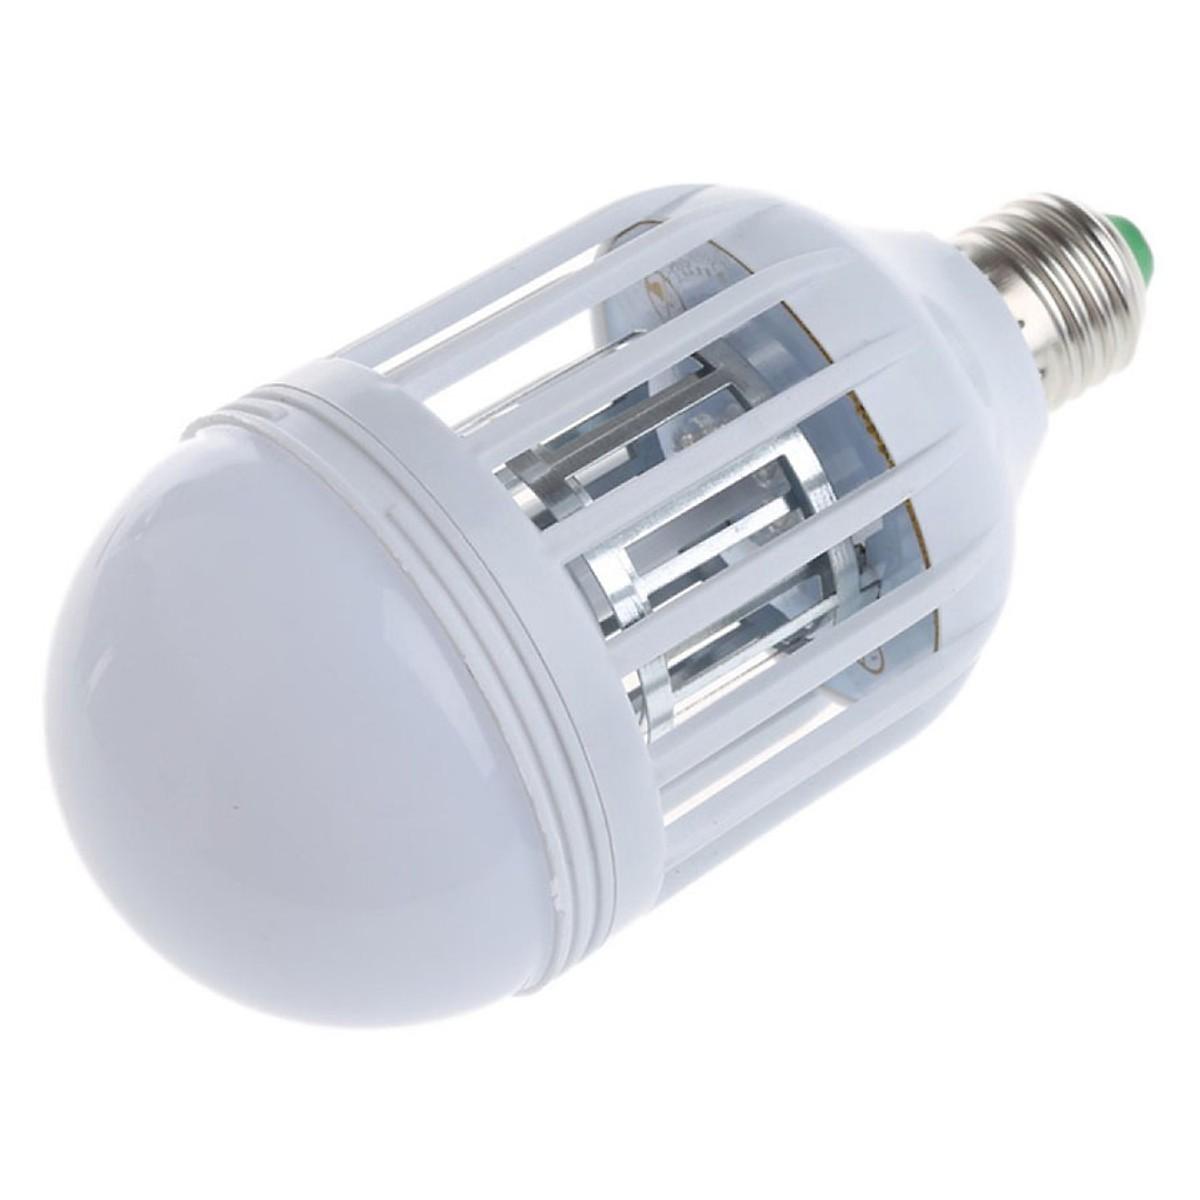 Đèn LED Chống Muỗi 50Hz 7.5W